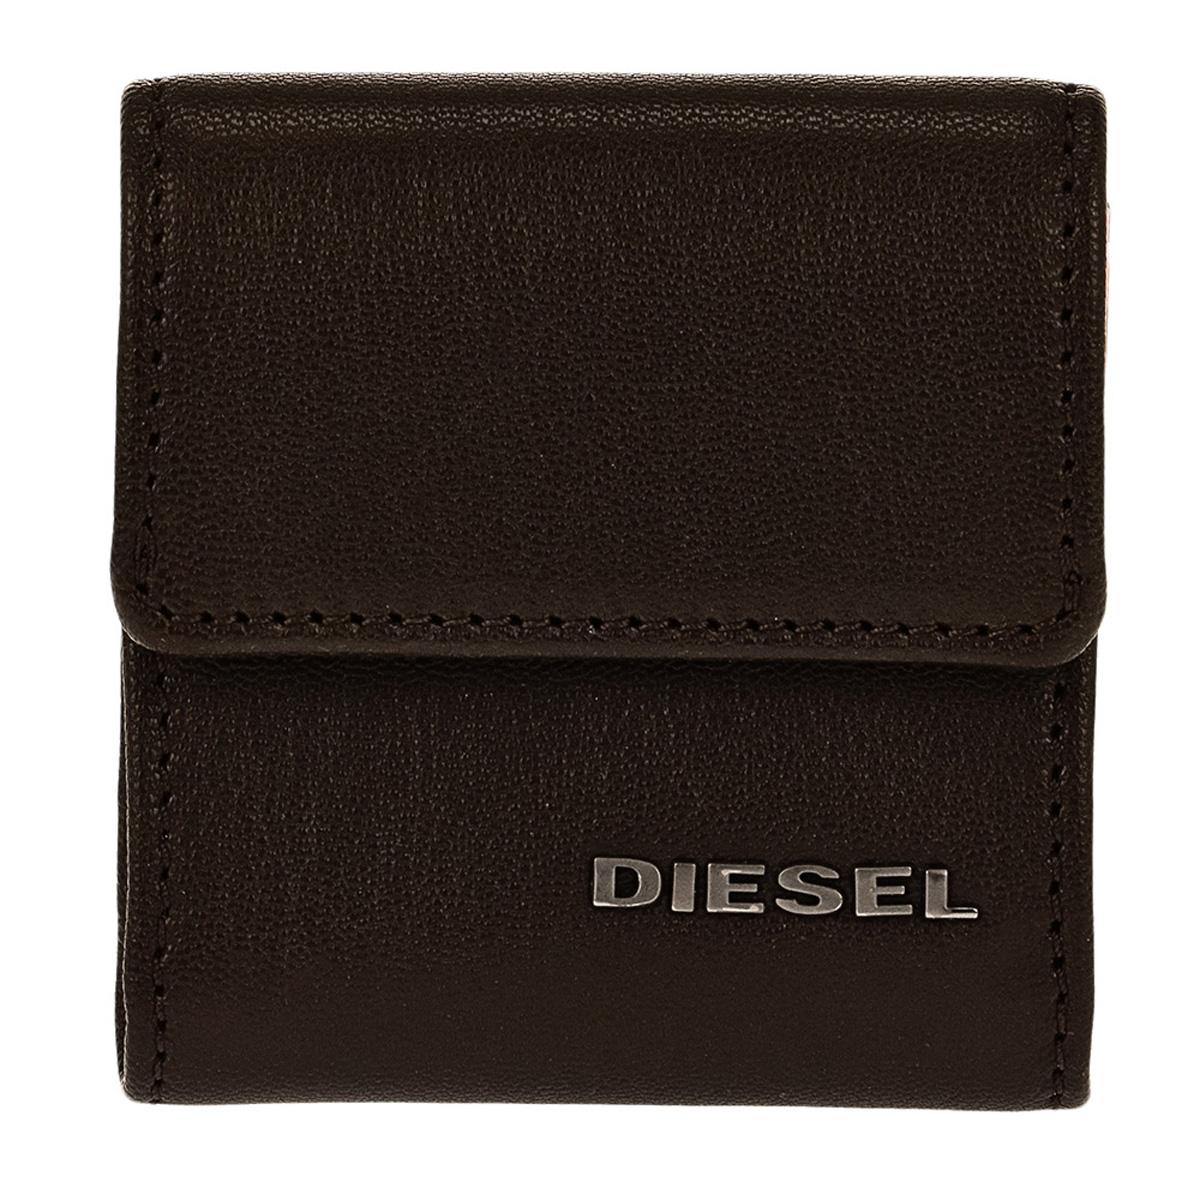 ディーゼル DIESEL 財布 X04767 PR227 H6385 コインケース 小銭入れ COFFEE BEAN/NECTARINE ダークブラウン+オレンジ